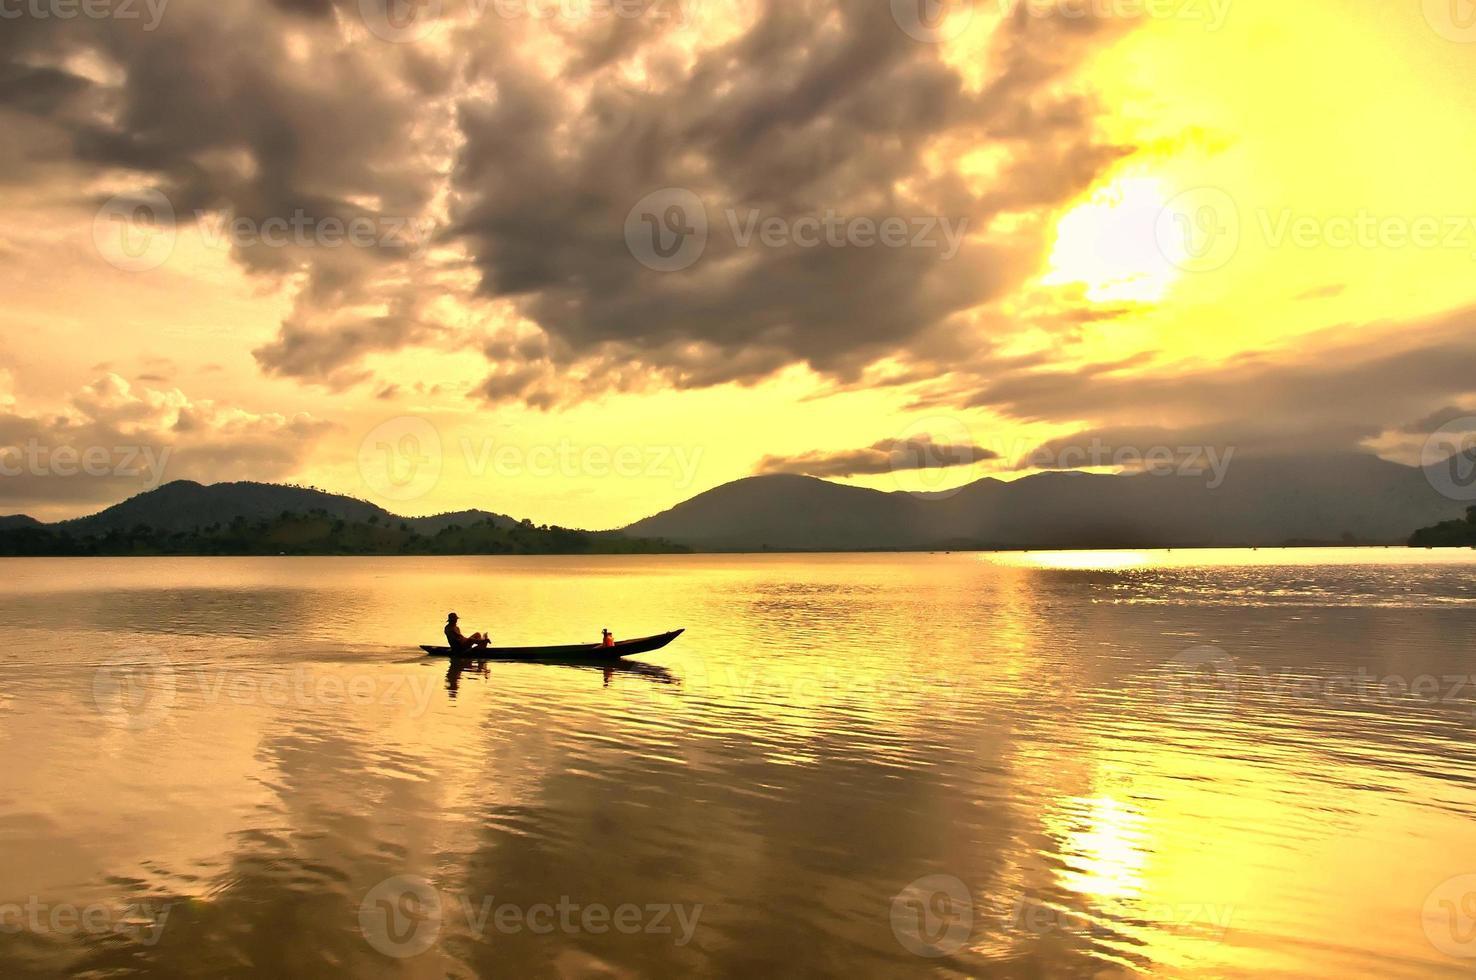 fiskare vid sjön, daklak, buon ma thuoc, Vietnam foto